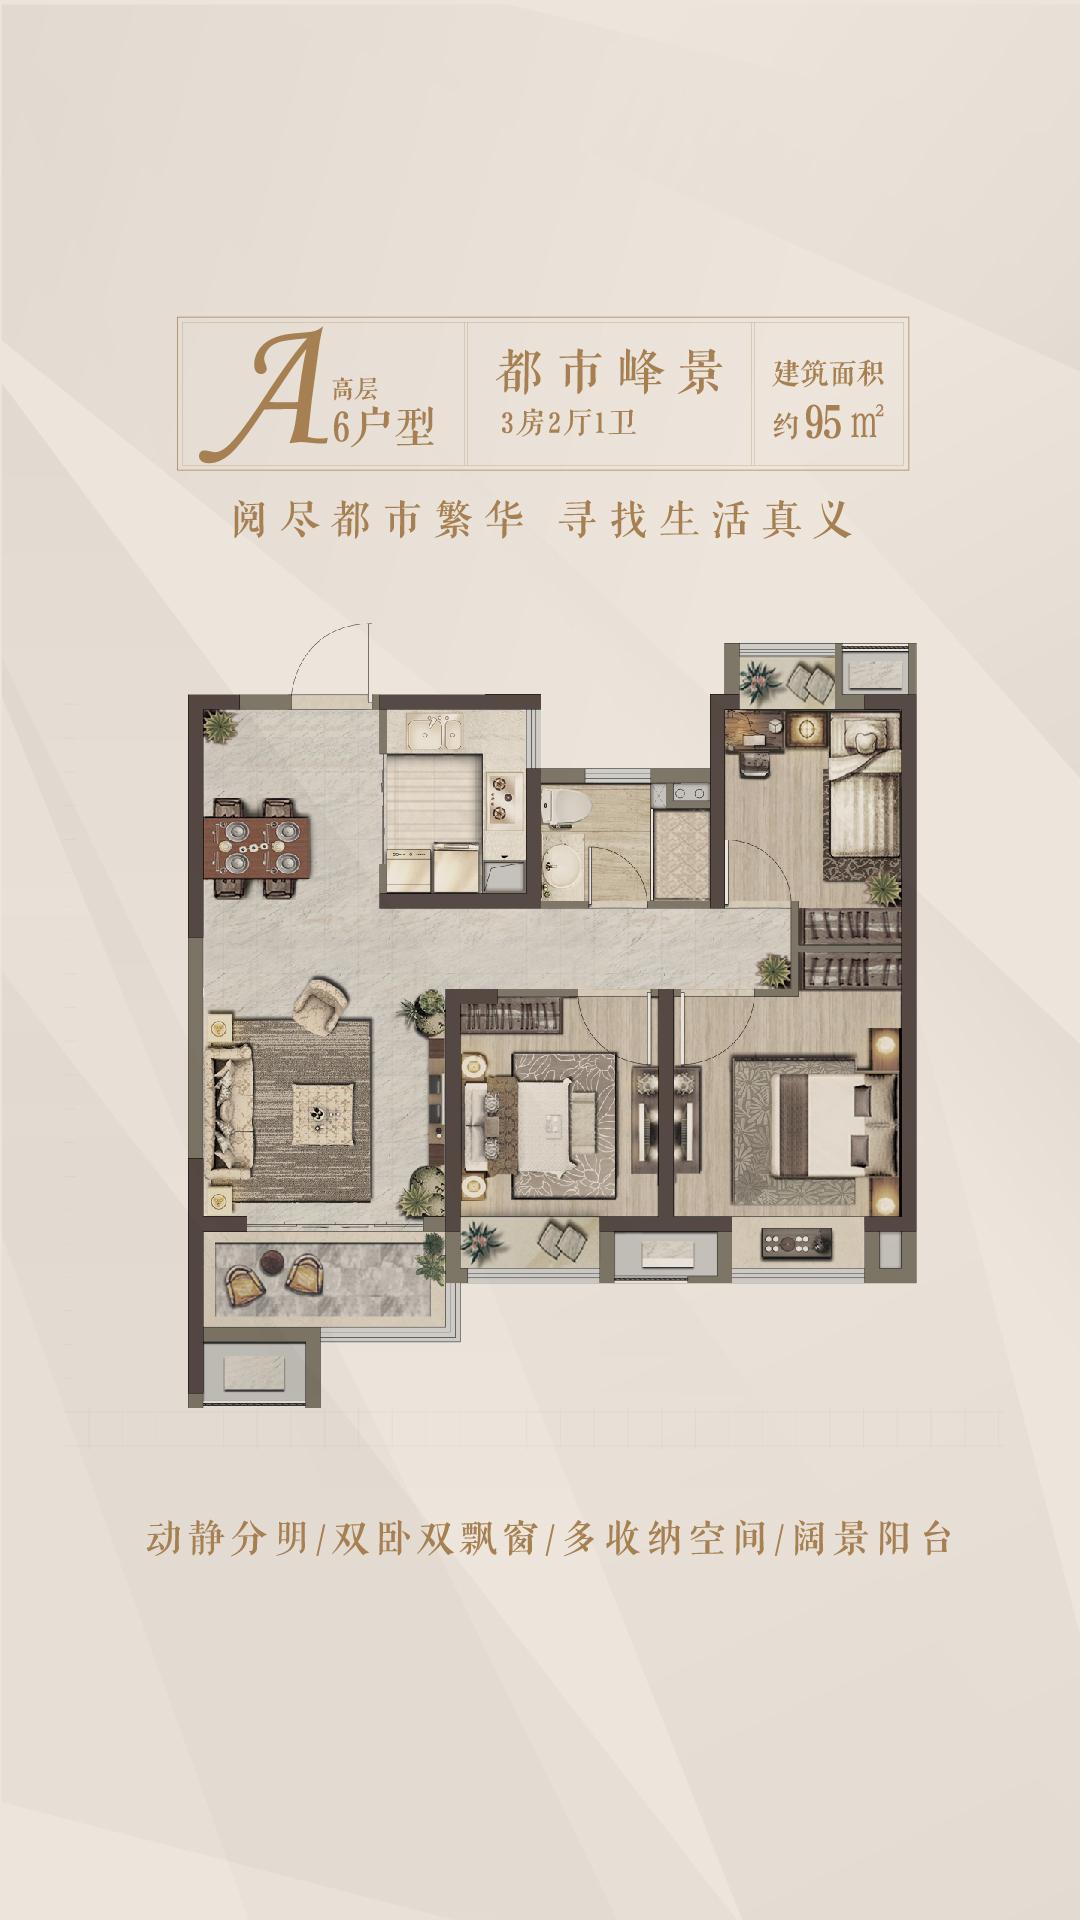 绿地新里城公寓户型图